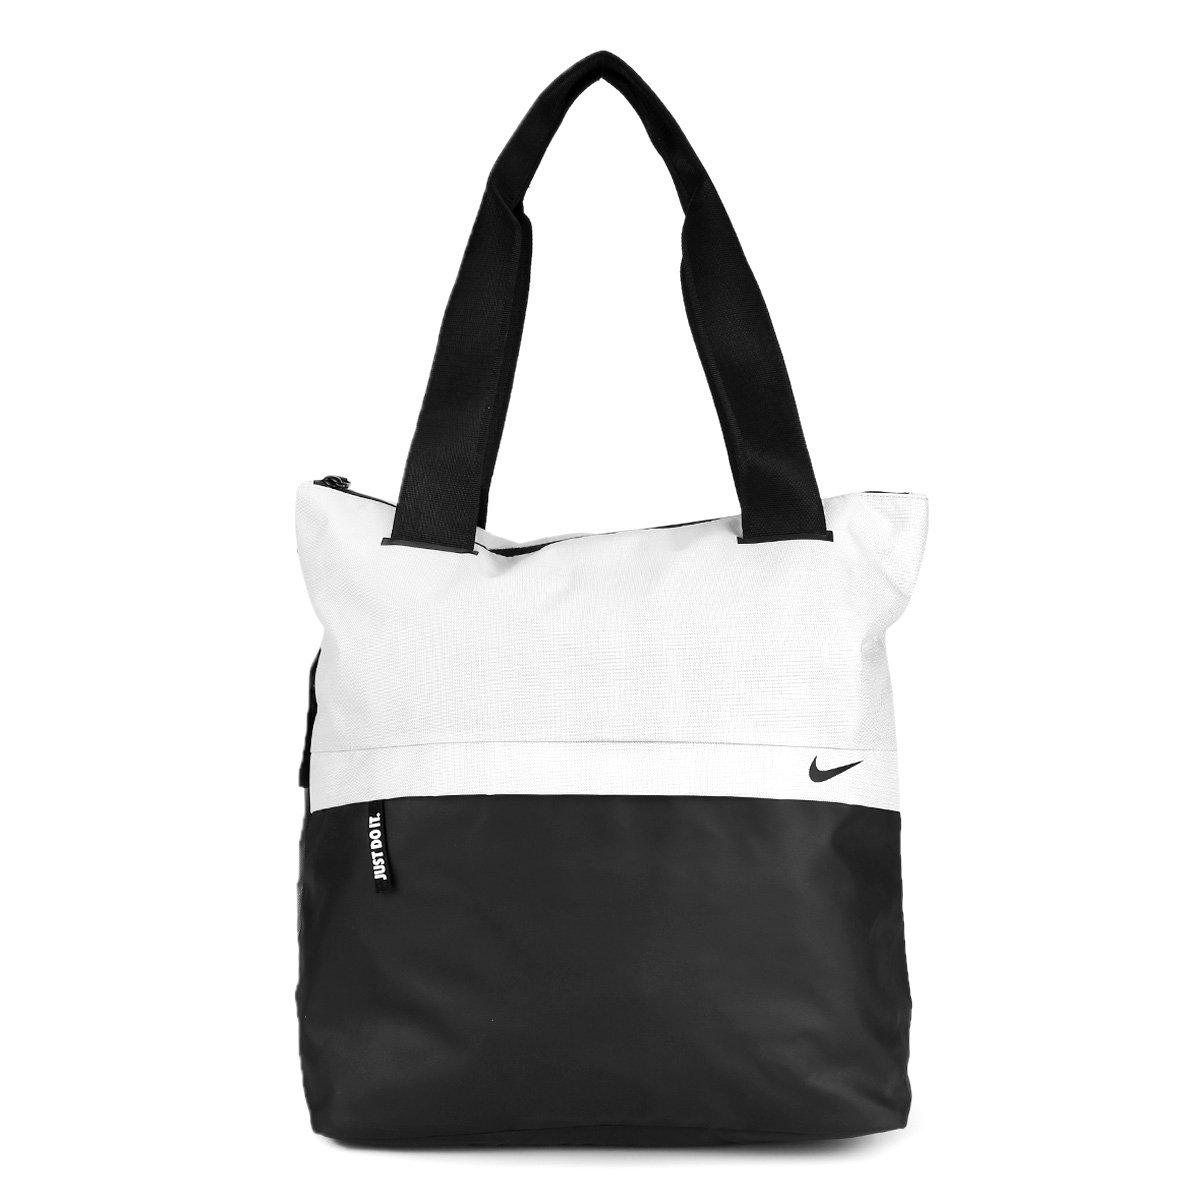 af23c6d25e374 Bolsa Nike Radiate Tote Feminina - Cinza e Preto - Compre Agora ...